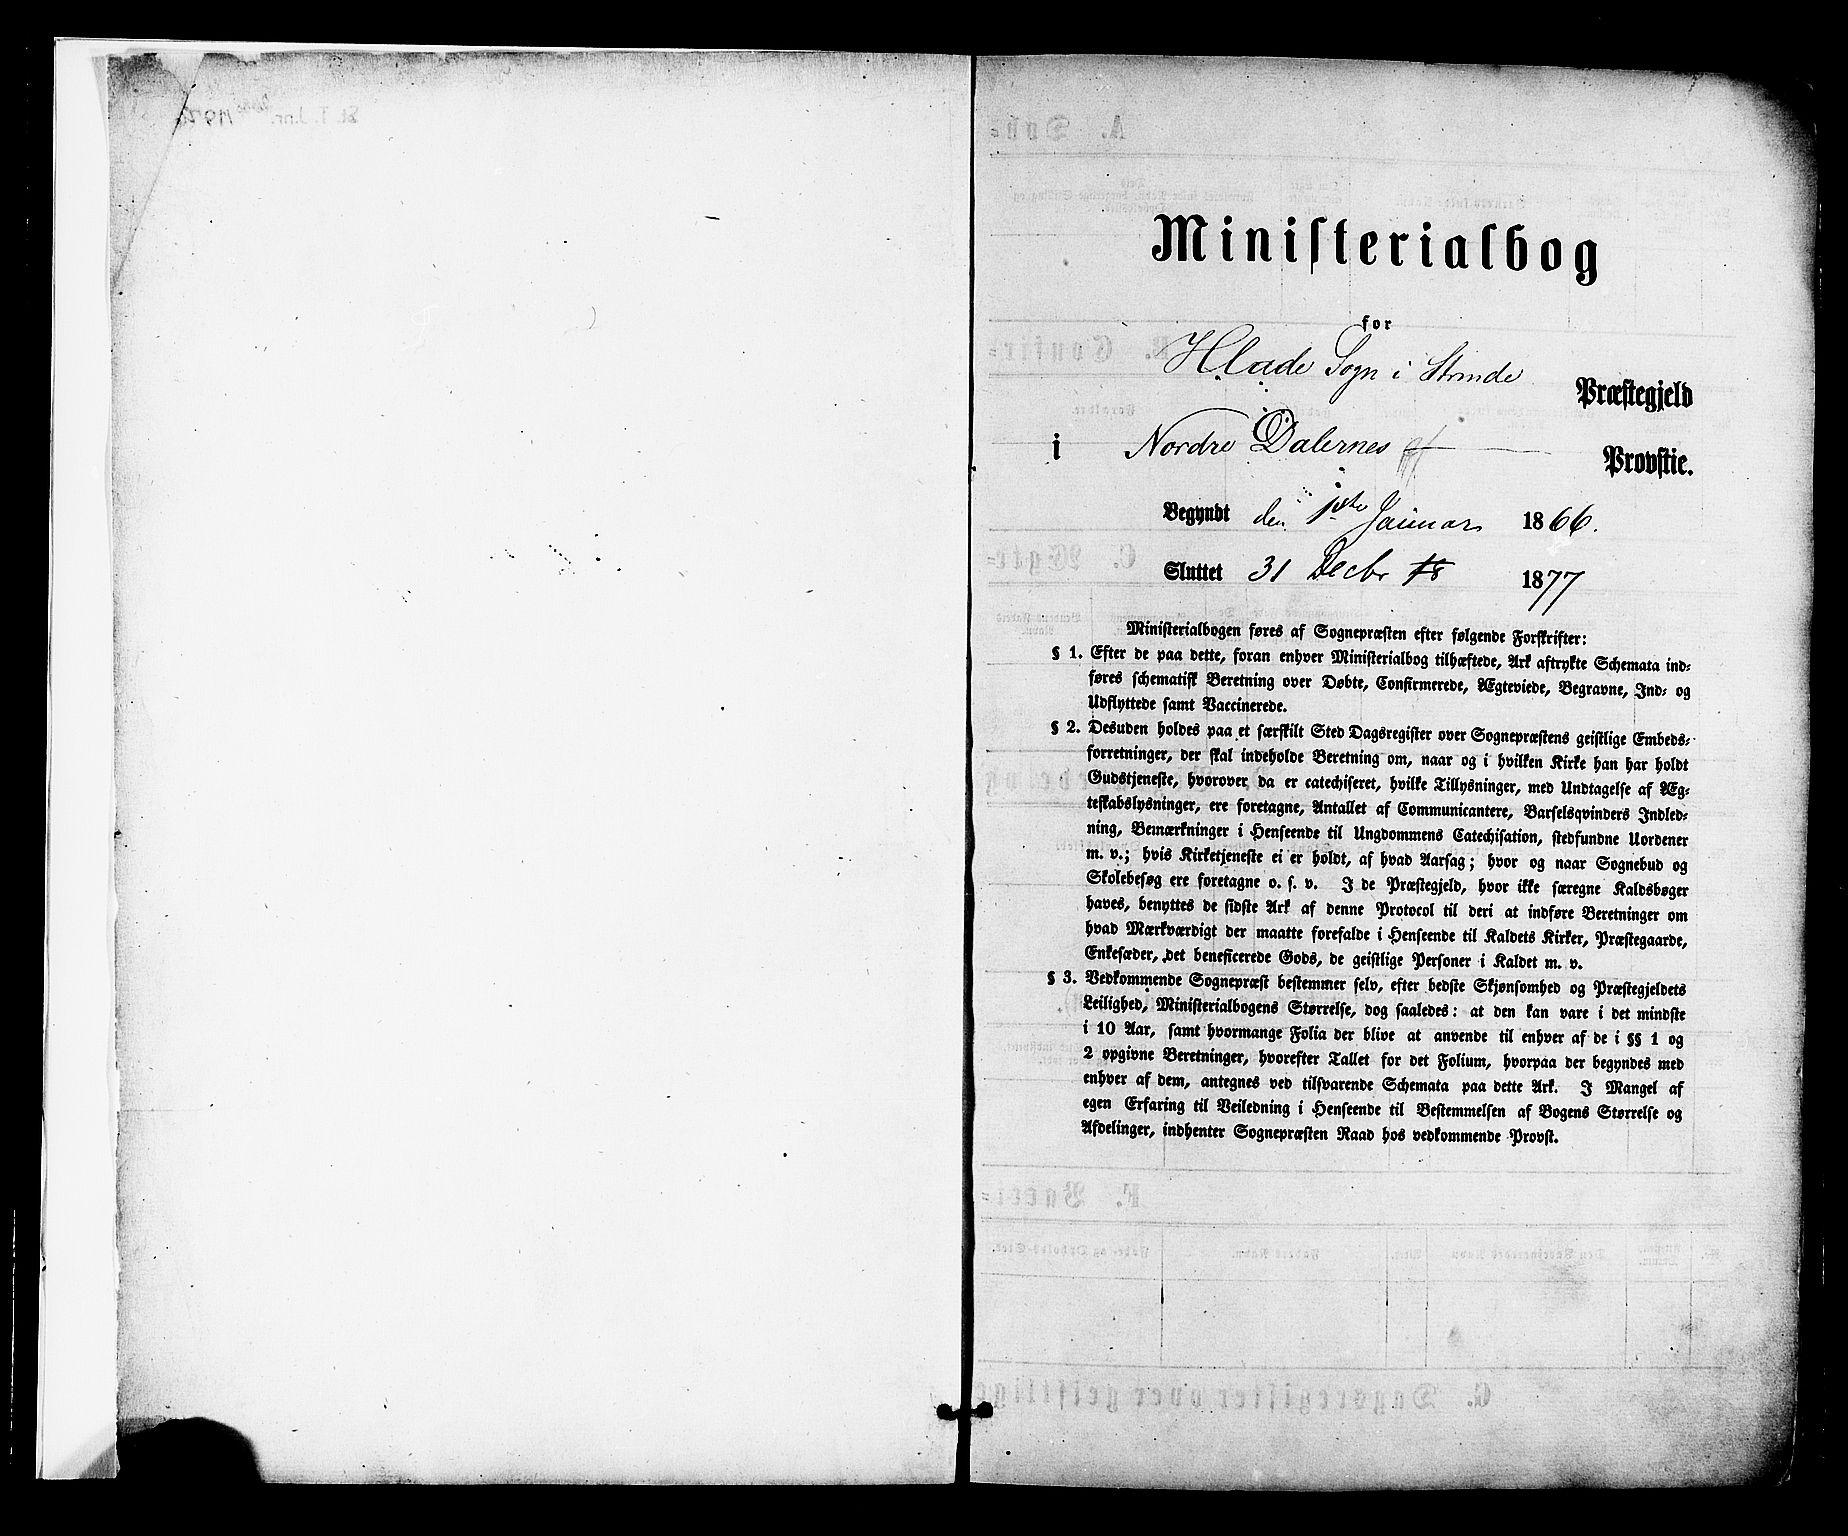 SAT, Ministerialprotokoller, klokkerbøker og fødselsregistre - Sør-Trøndelag, 606/L0293: Ministerialbok nr. 606A08, 1866-1877